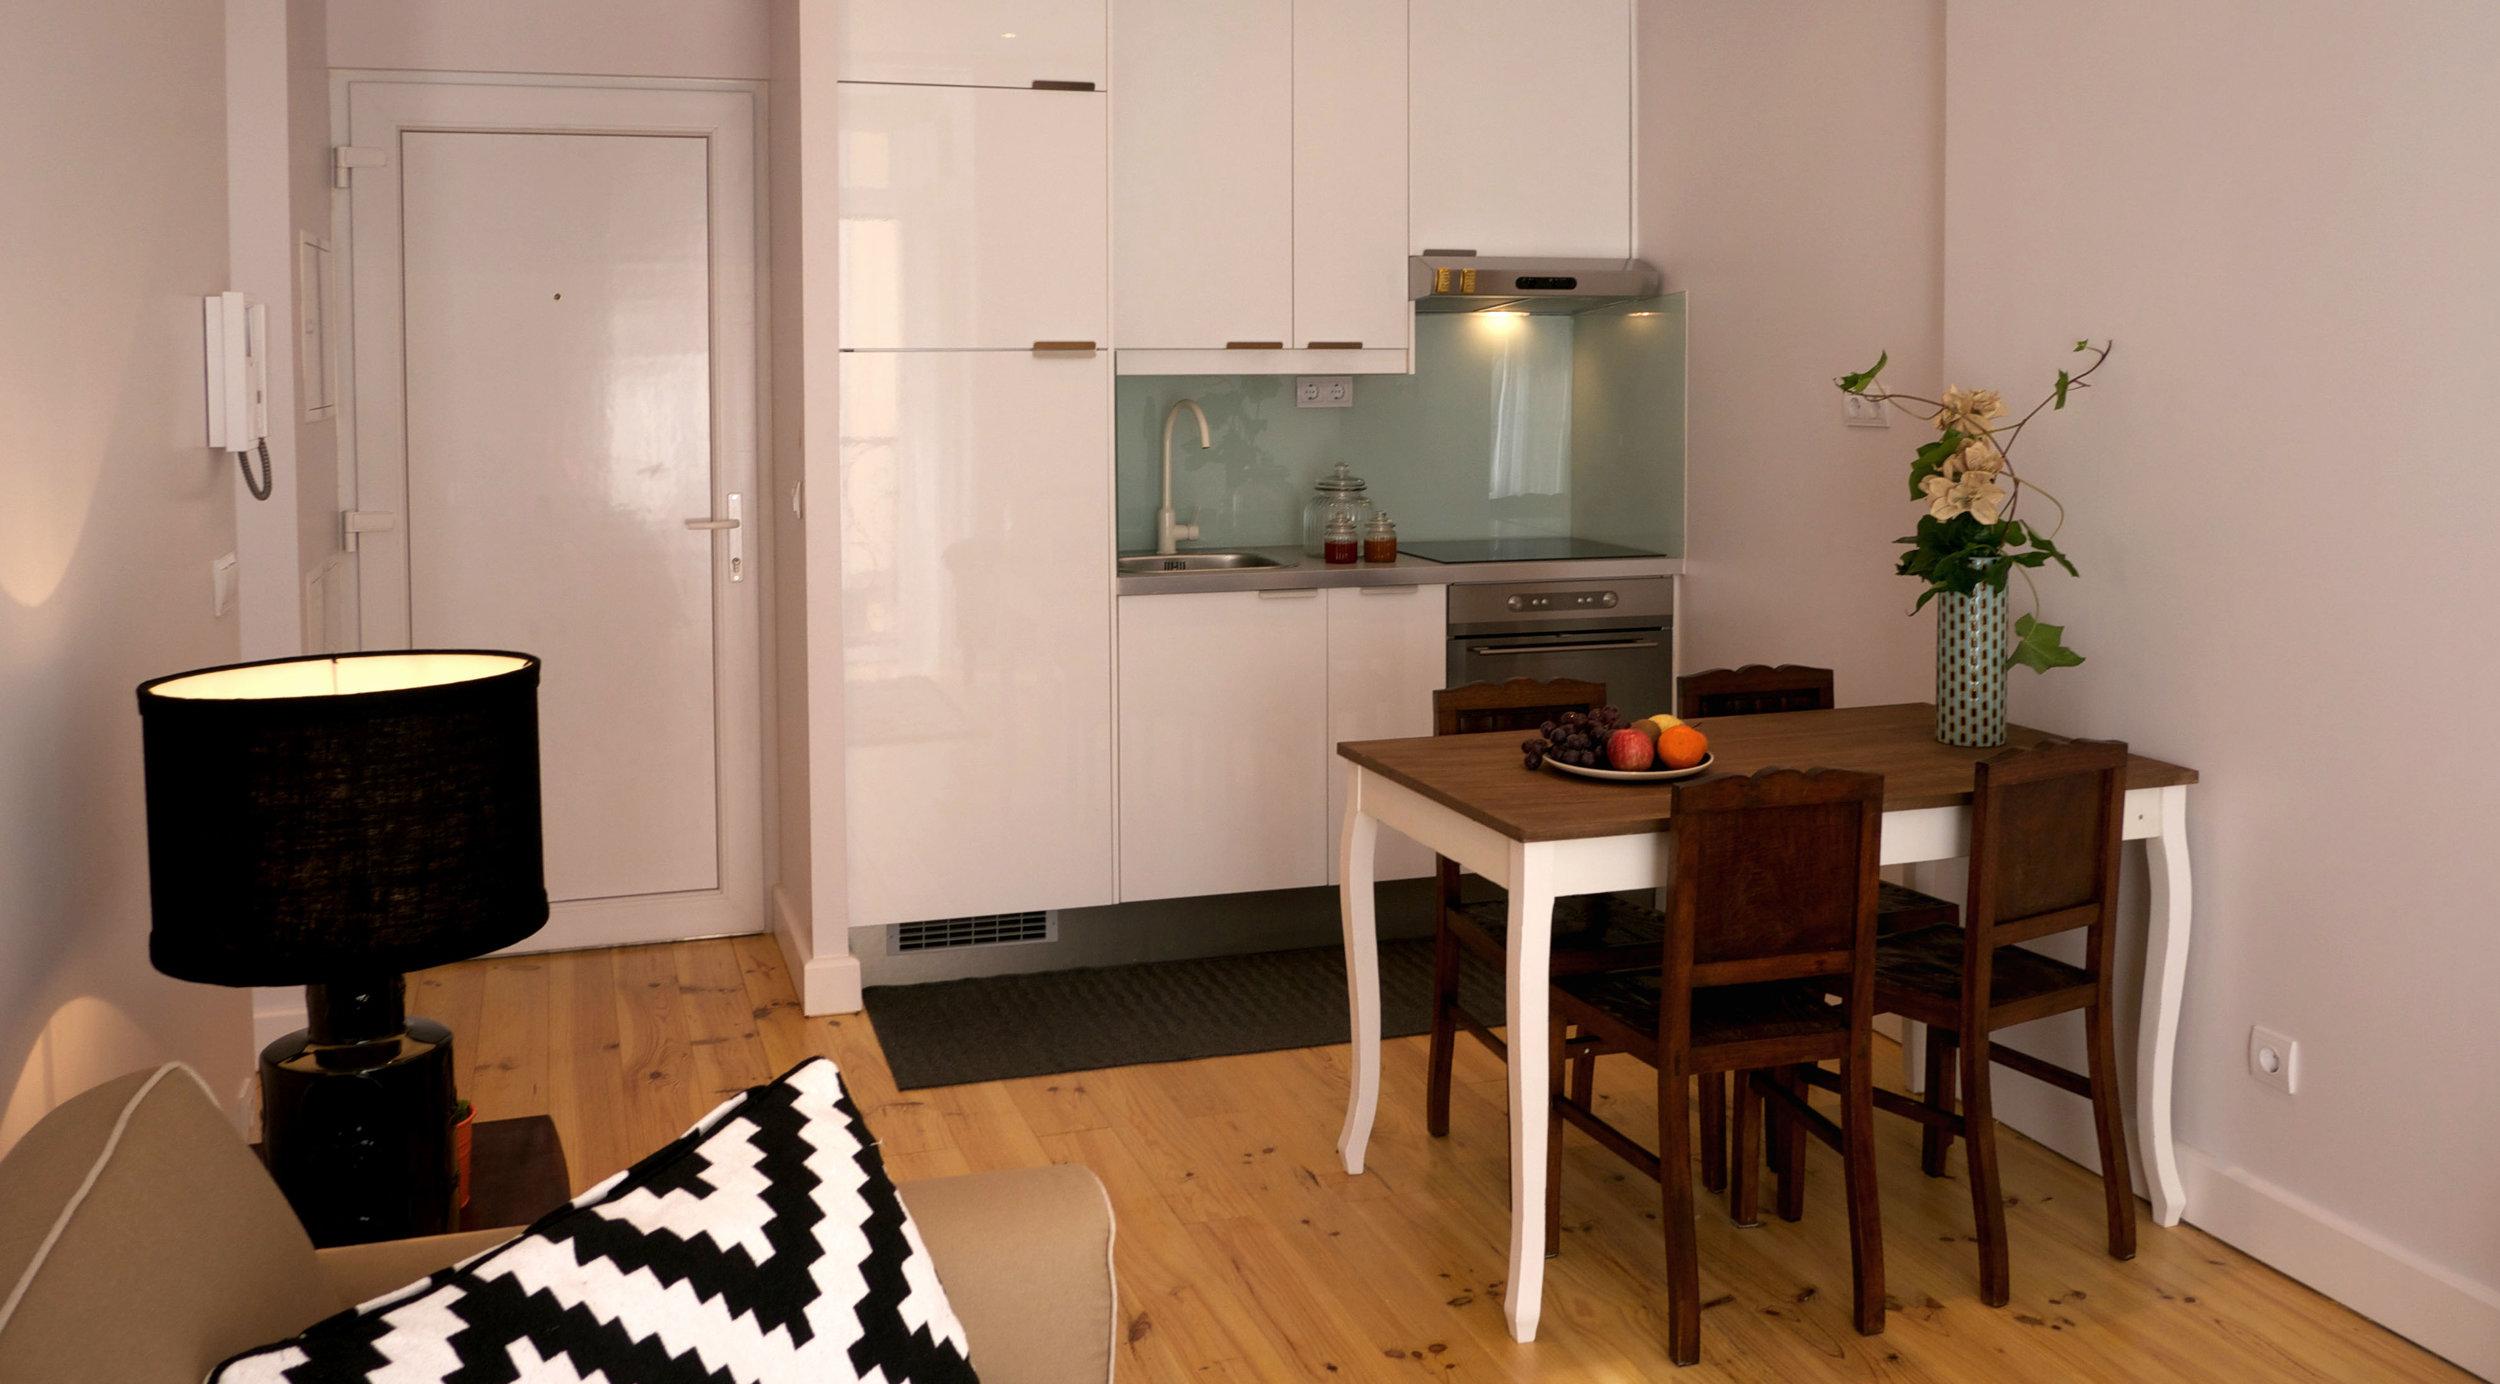 sala cozinha dunas.jpg